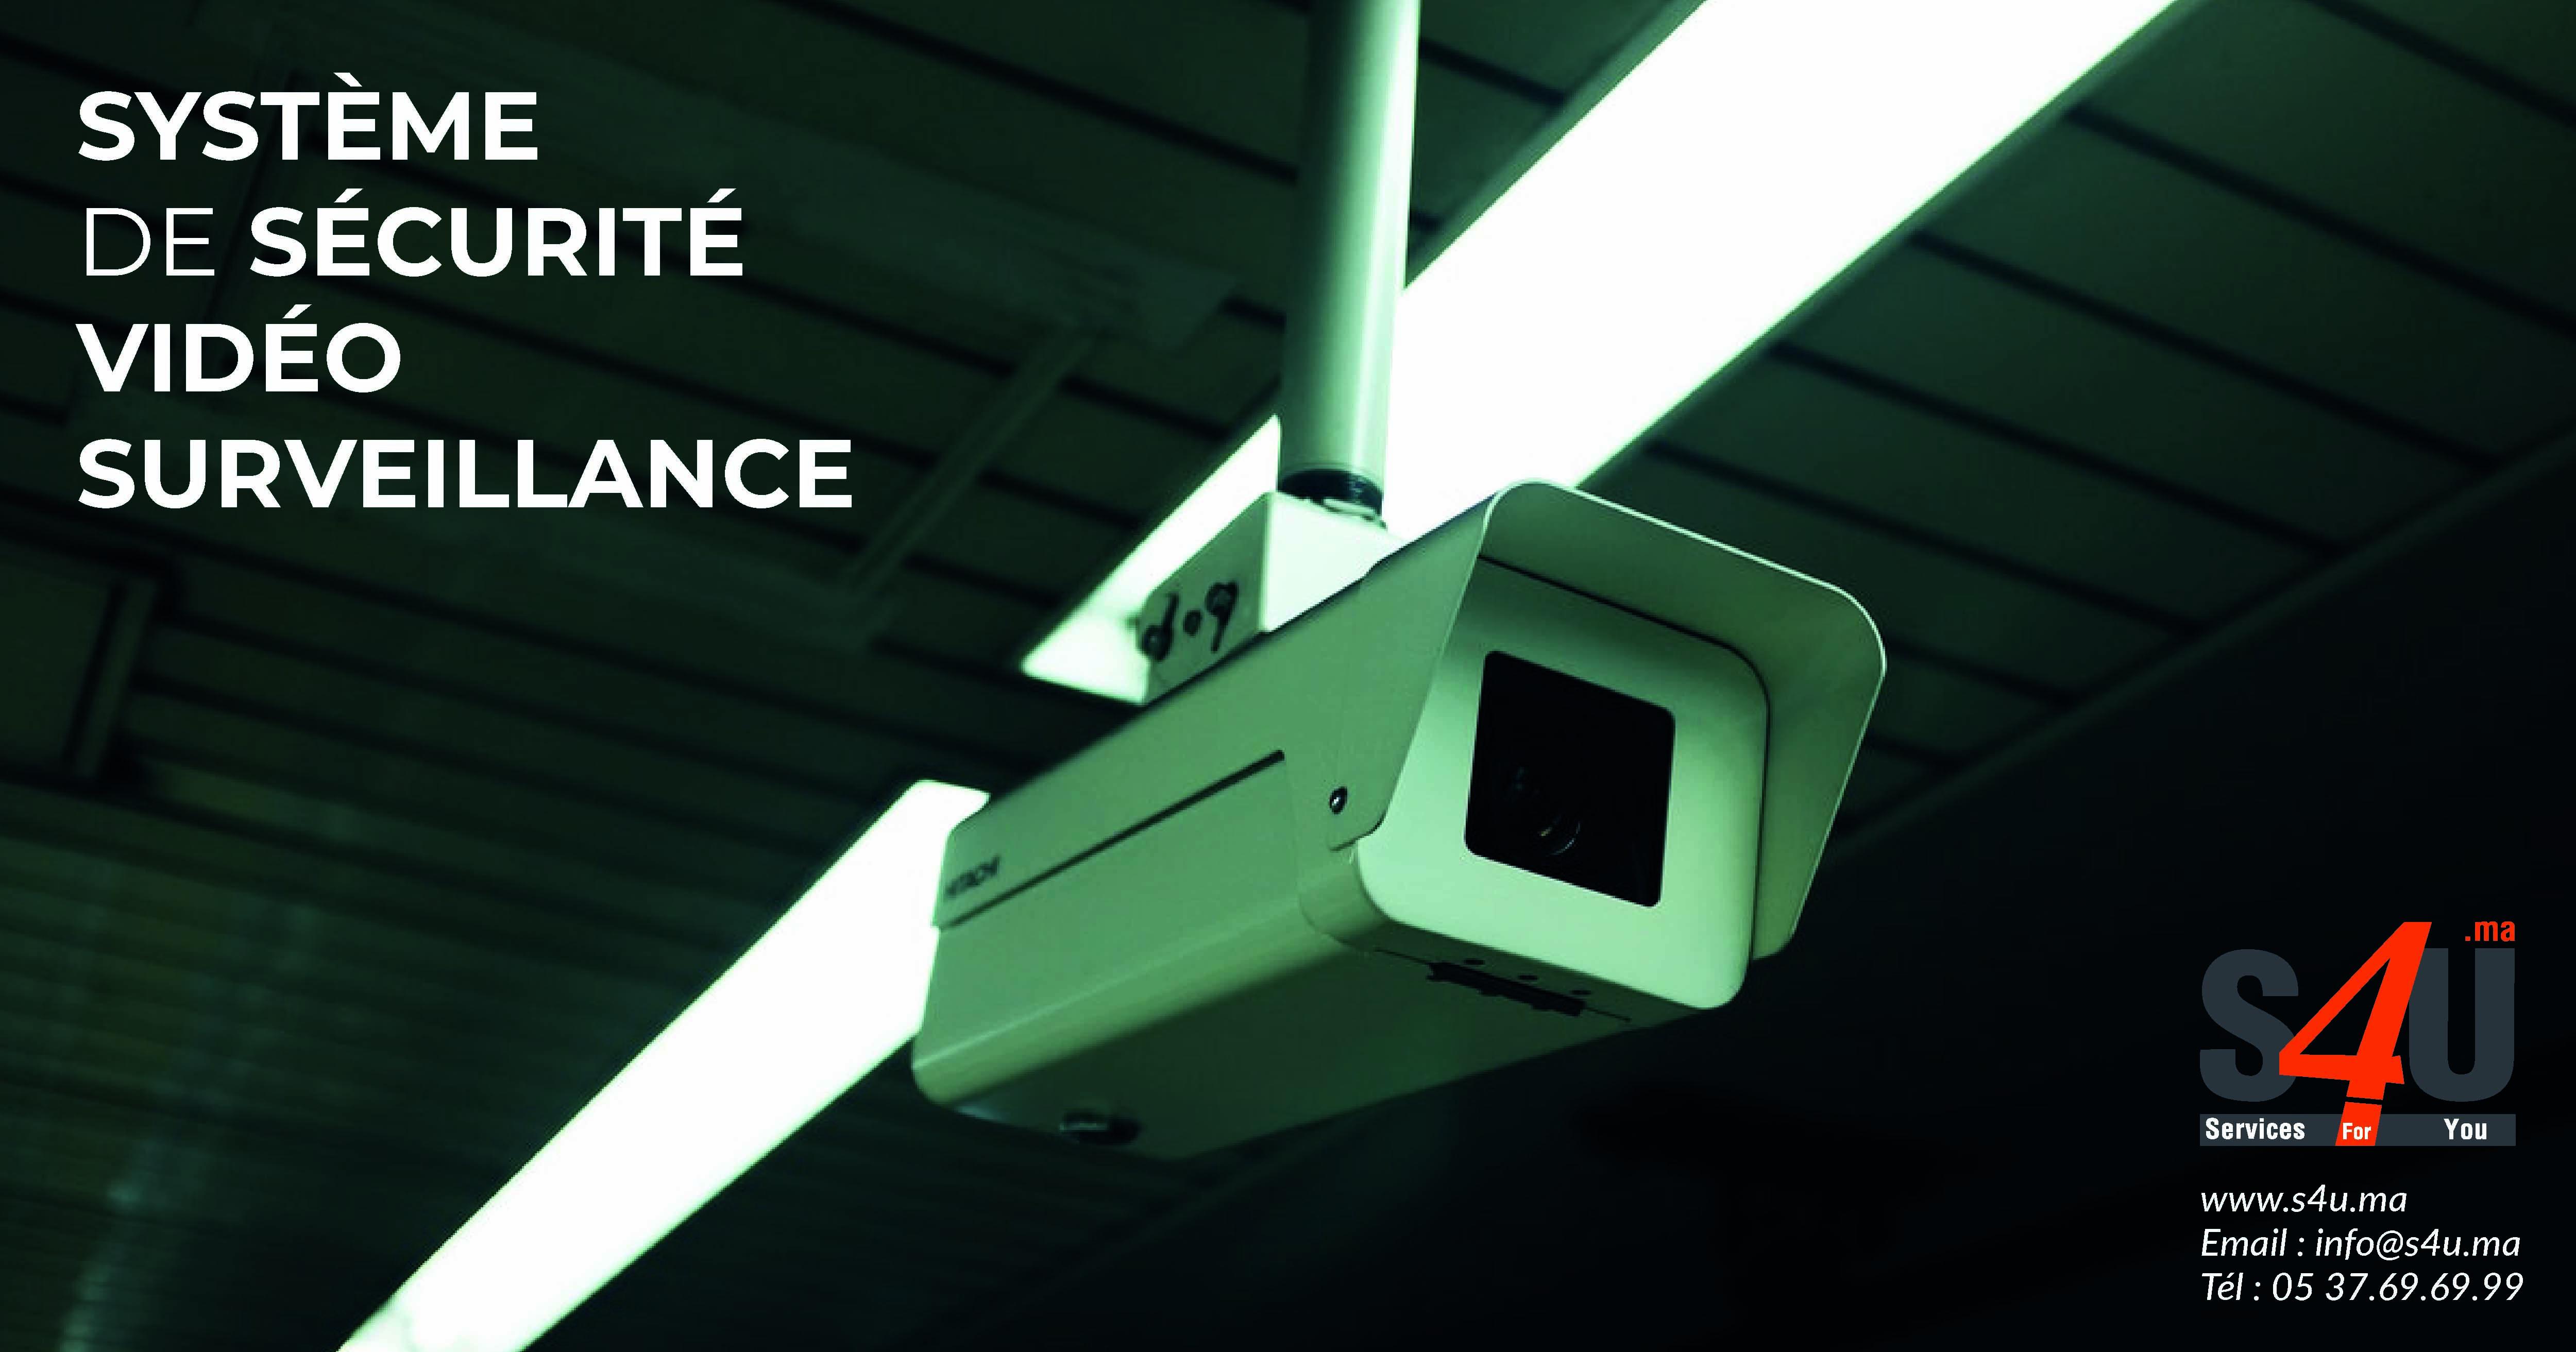 système de sécurité vidéo surveillance